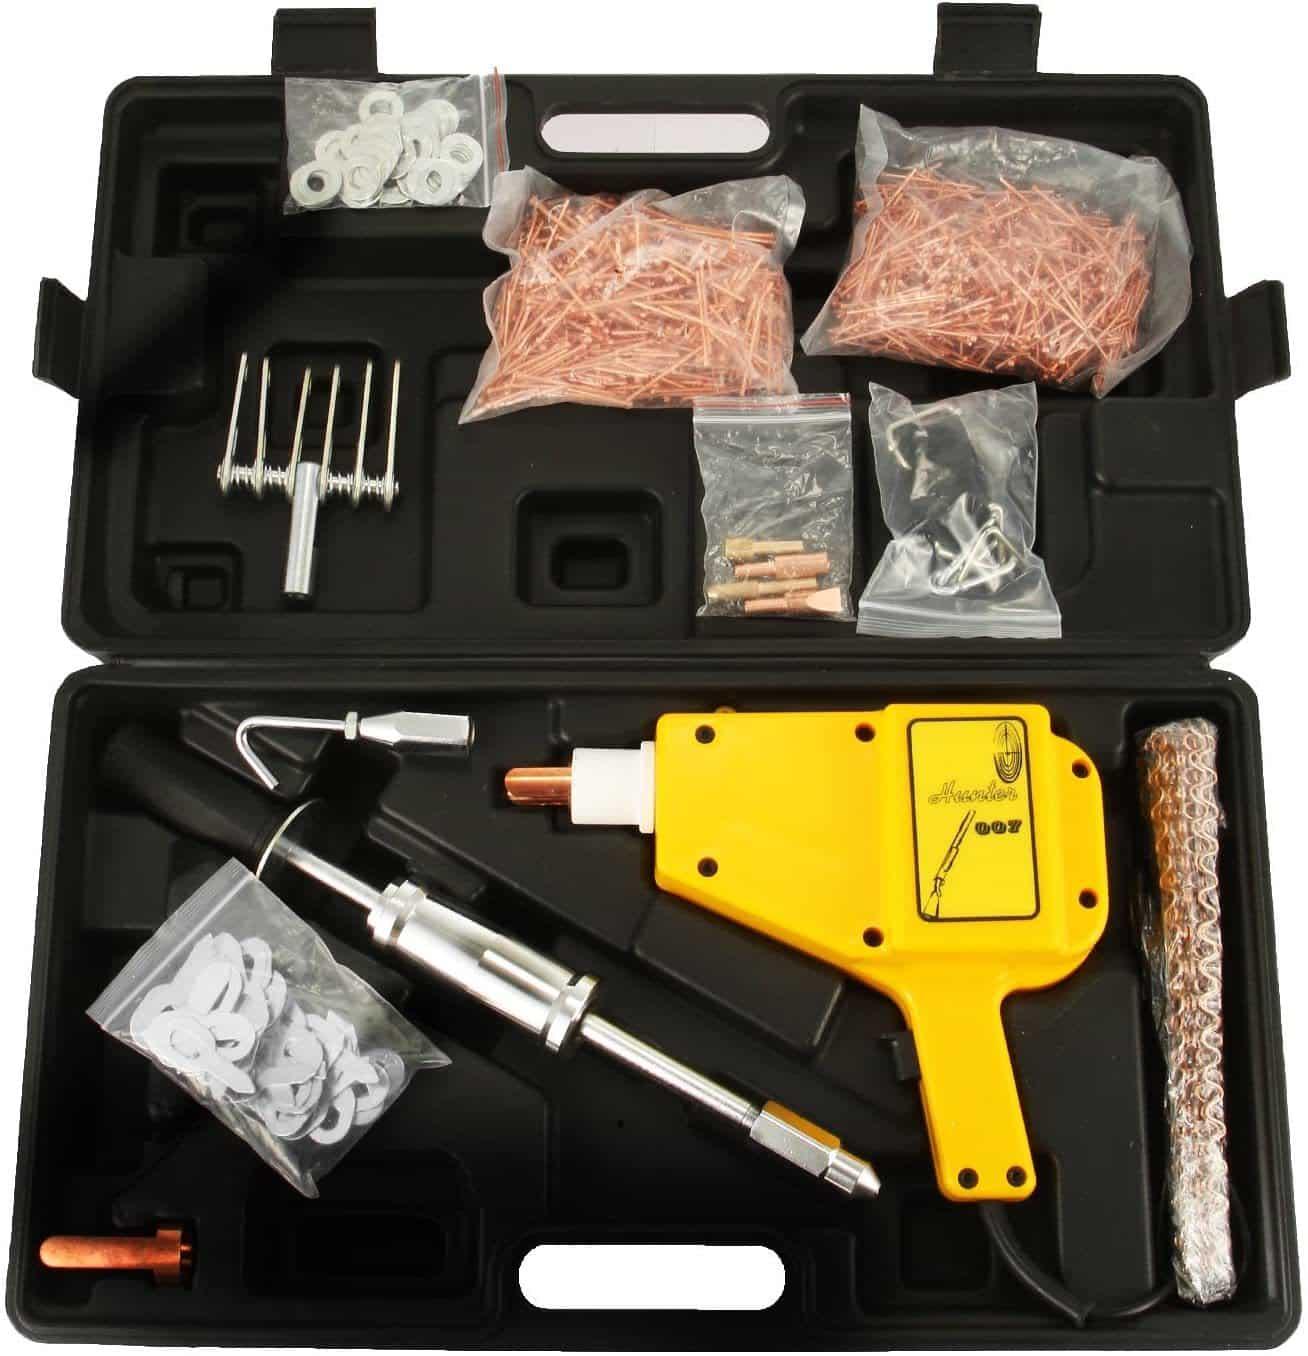 Bestauto Uni-Spotter Stud Dent Welder Kit